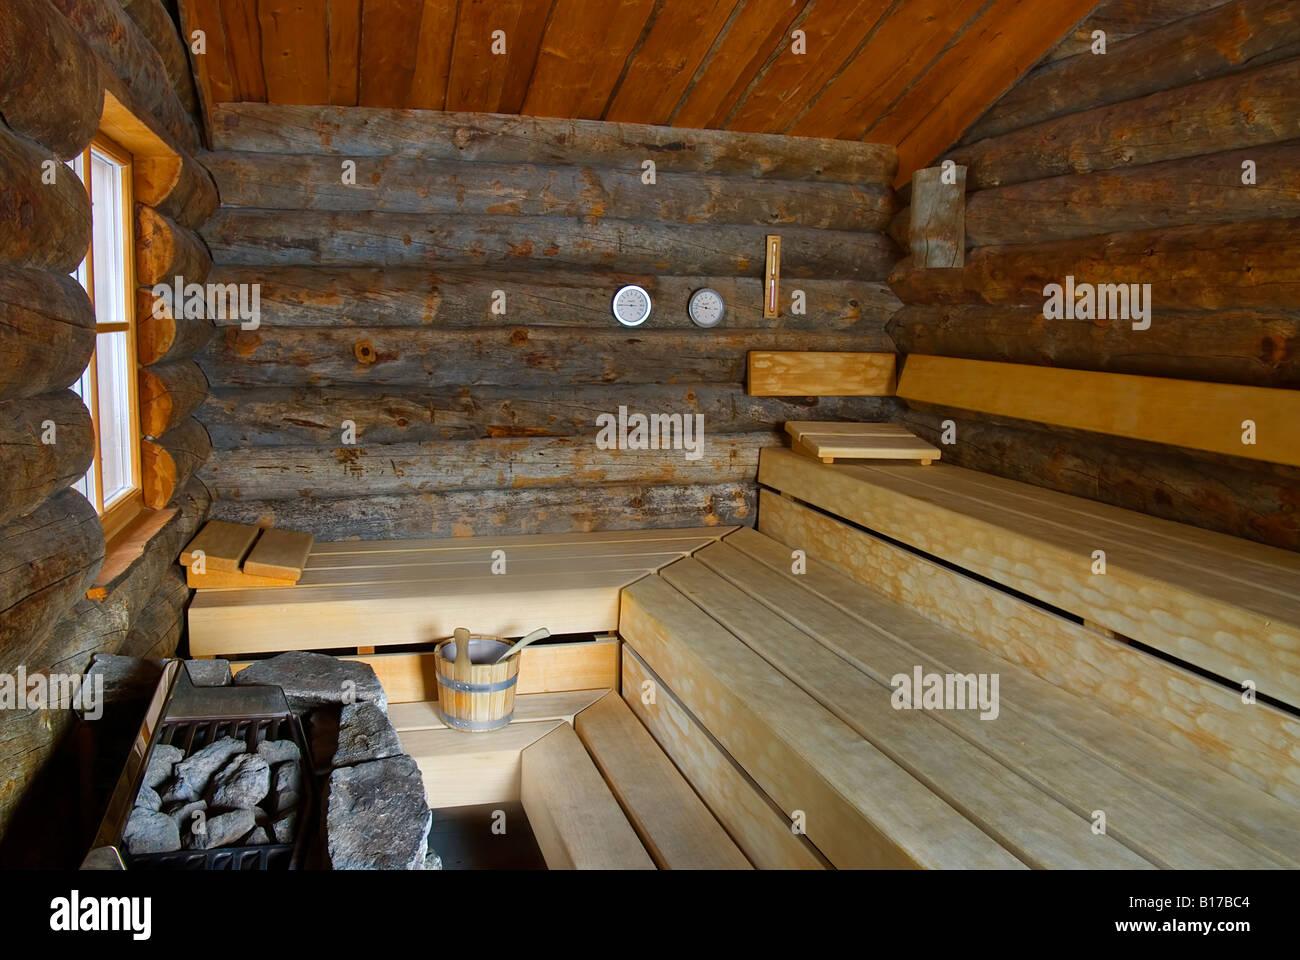 Dieses Foto zeigt die rustikalen Holz-Interieur der finnische sauna Stockbild